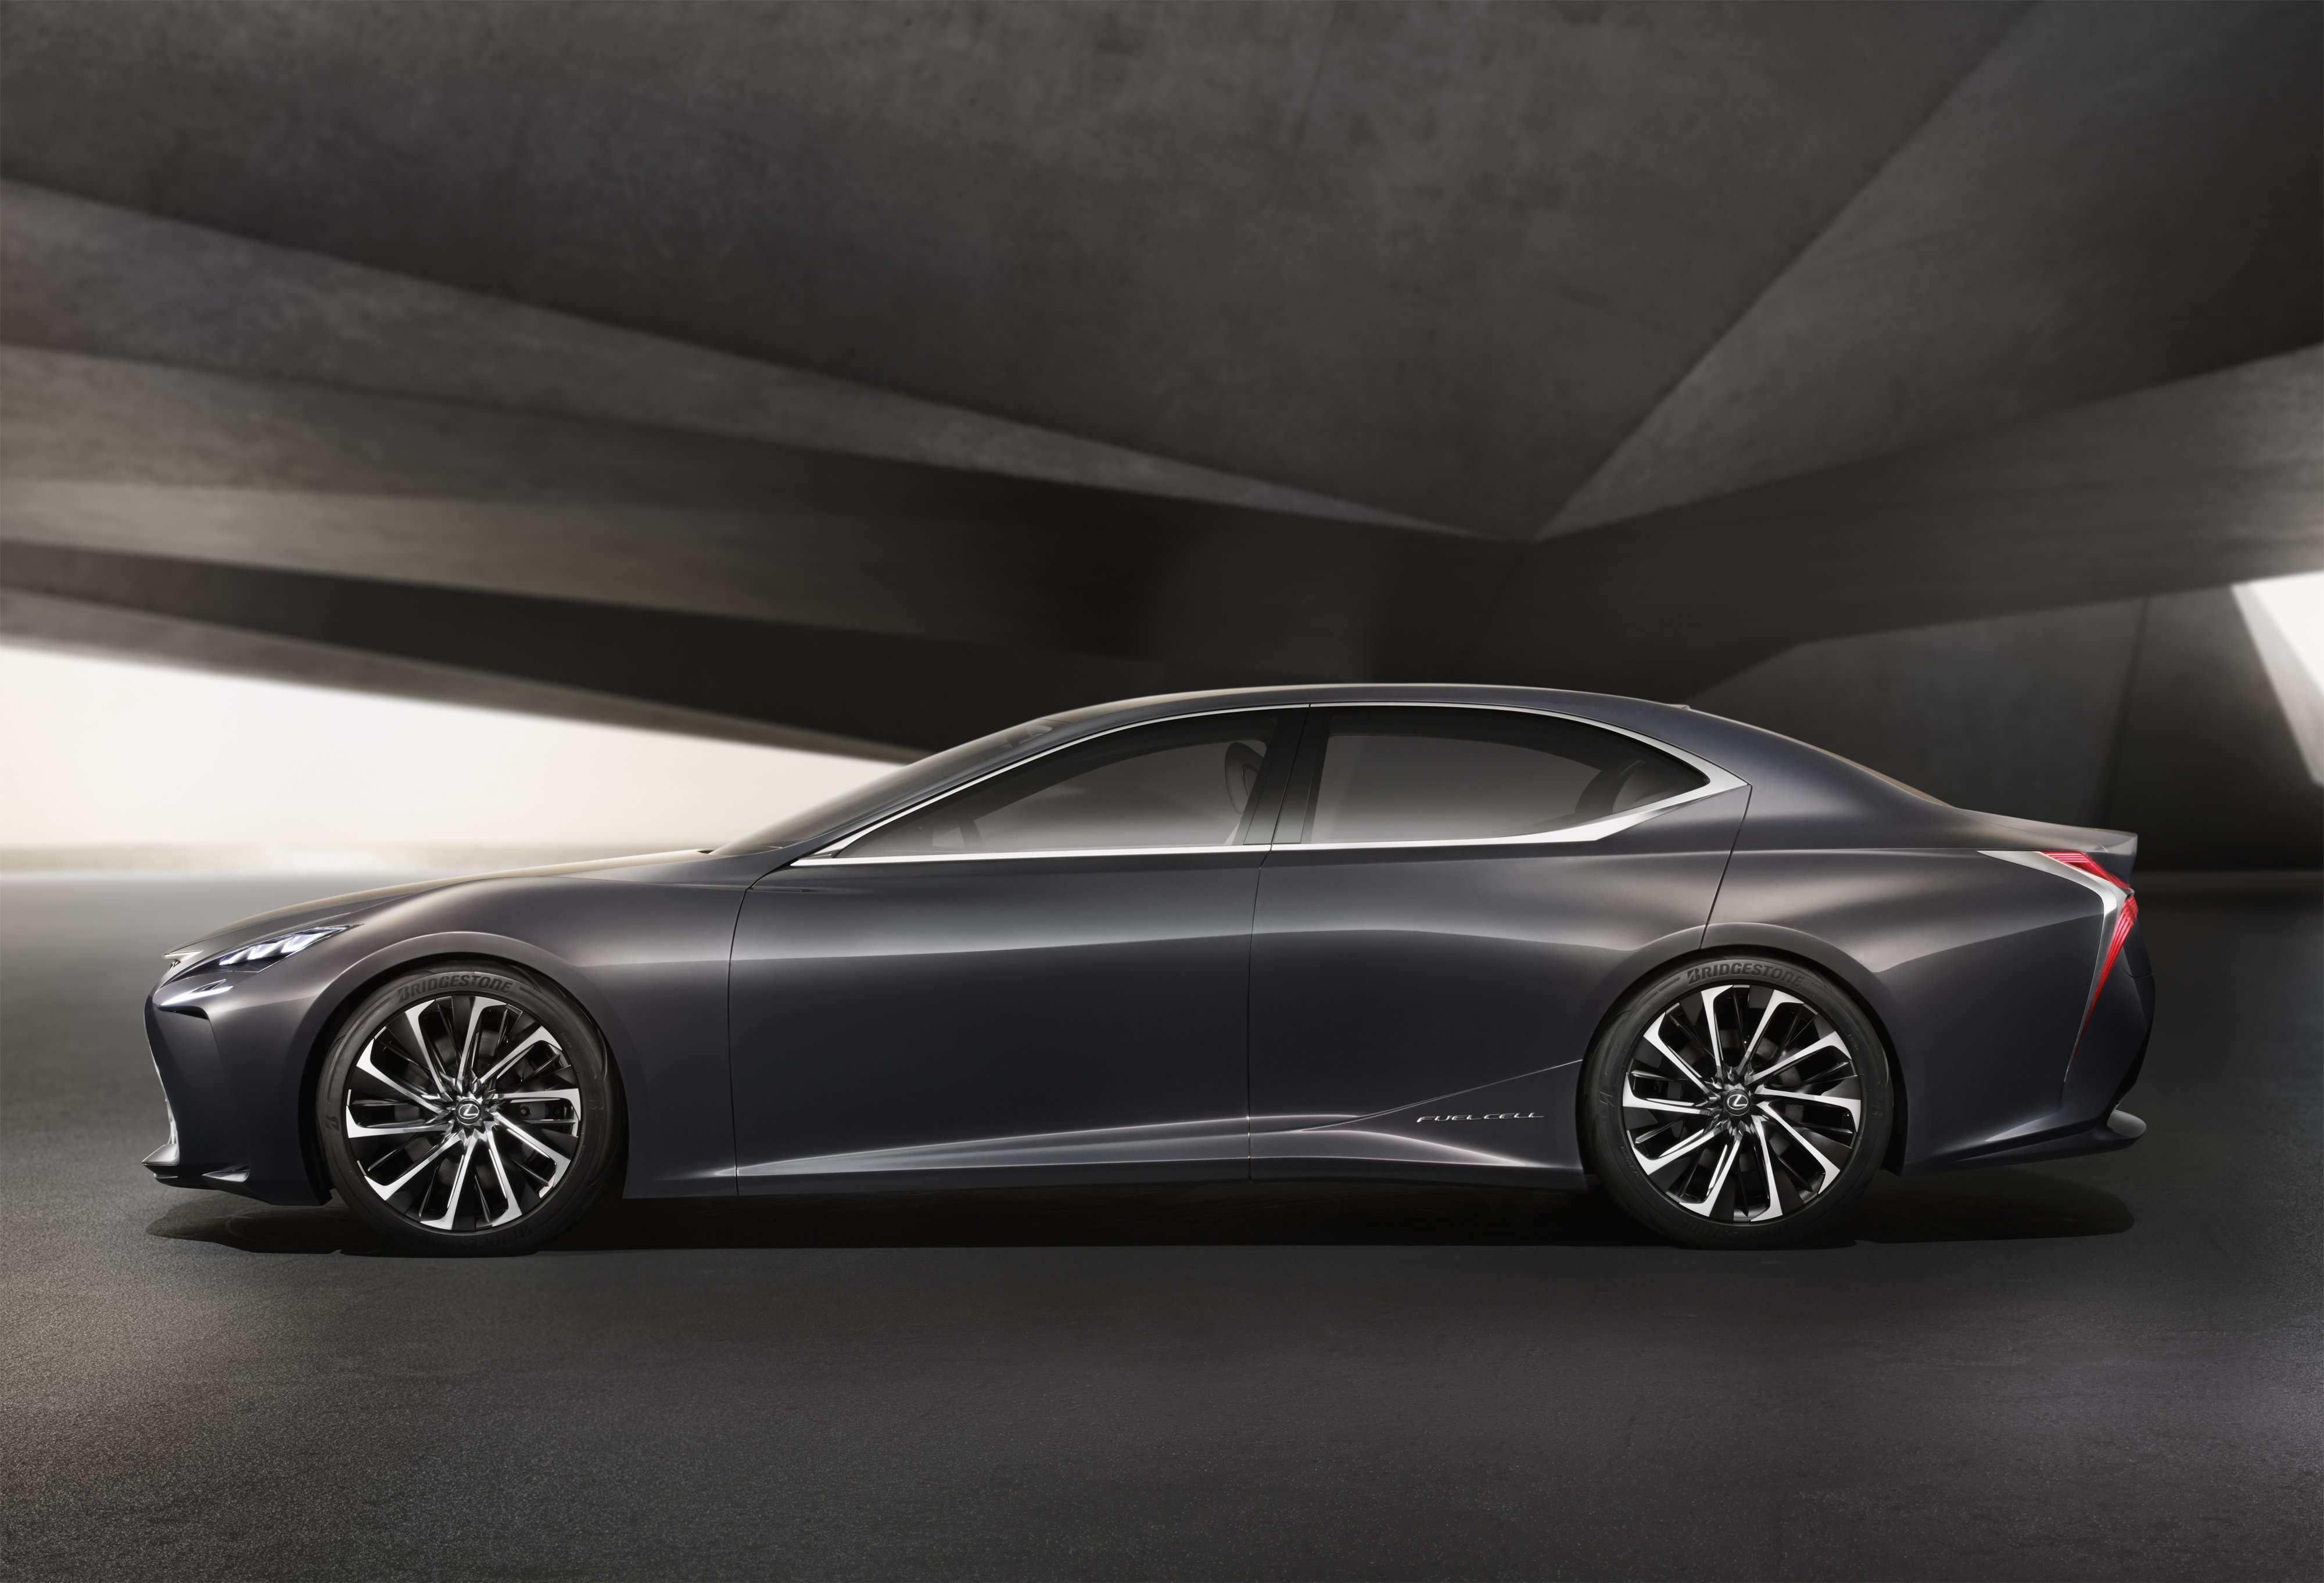 53 All New Xe Lexus 2020 Price for Xe Lexus 2020